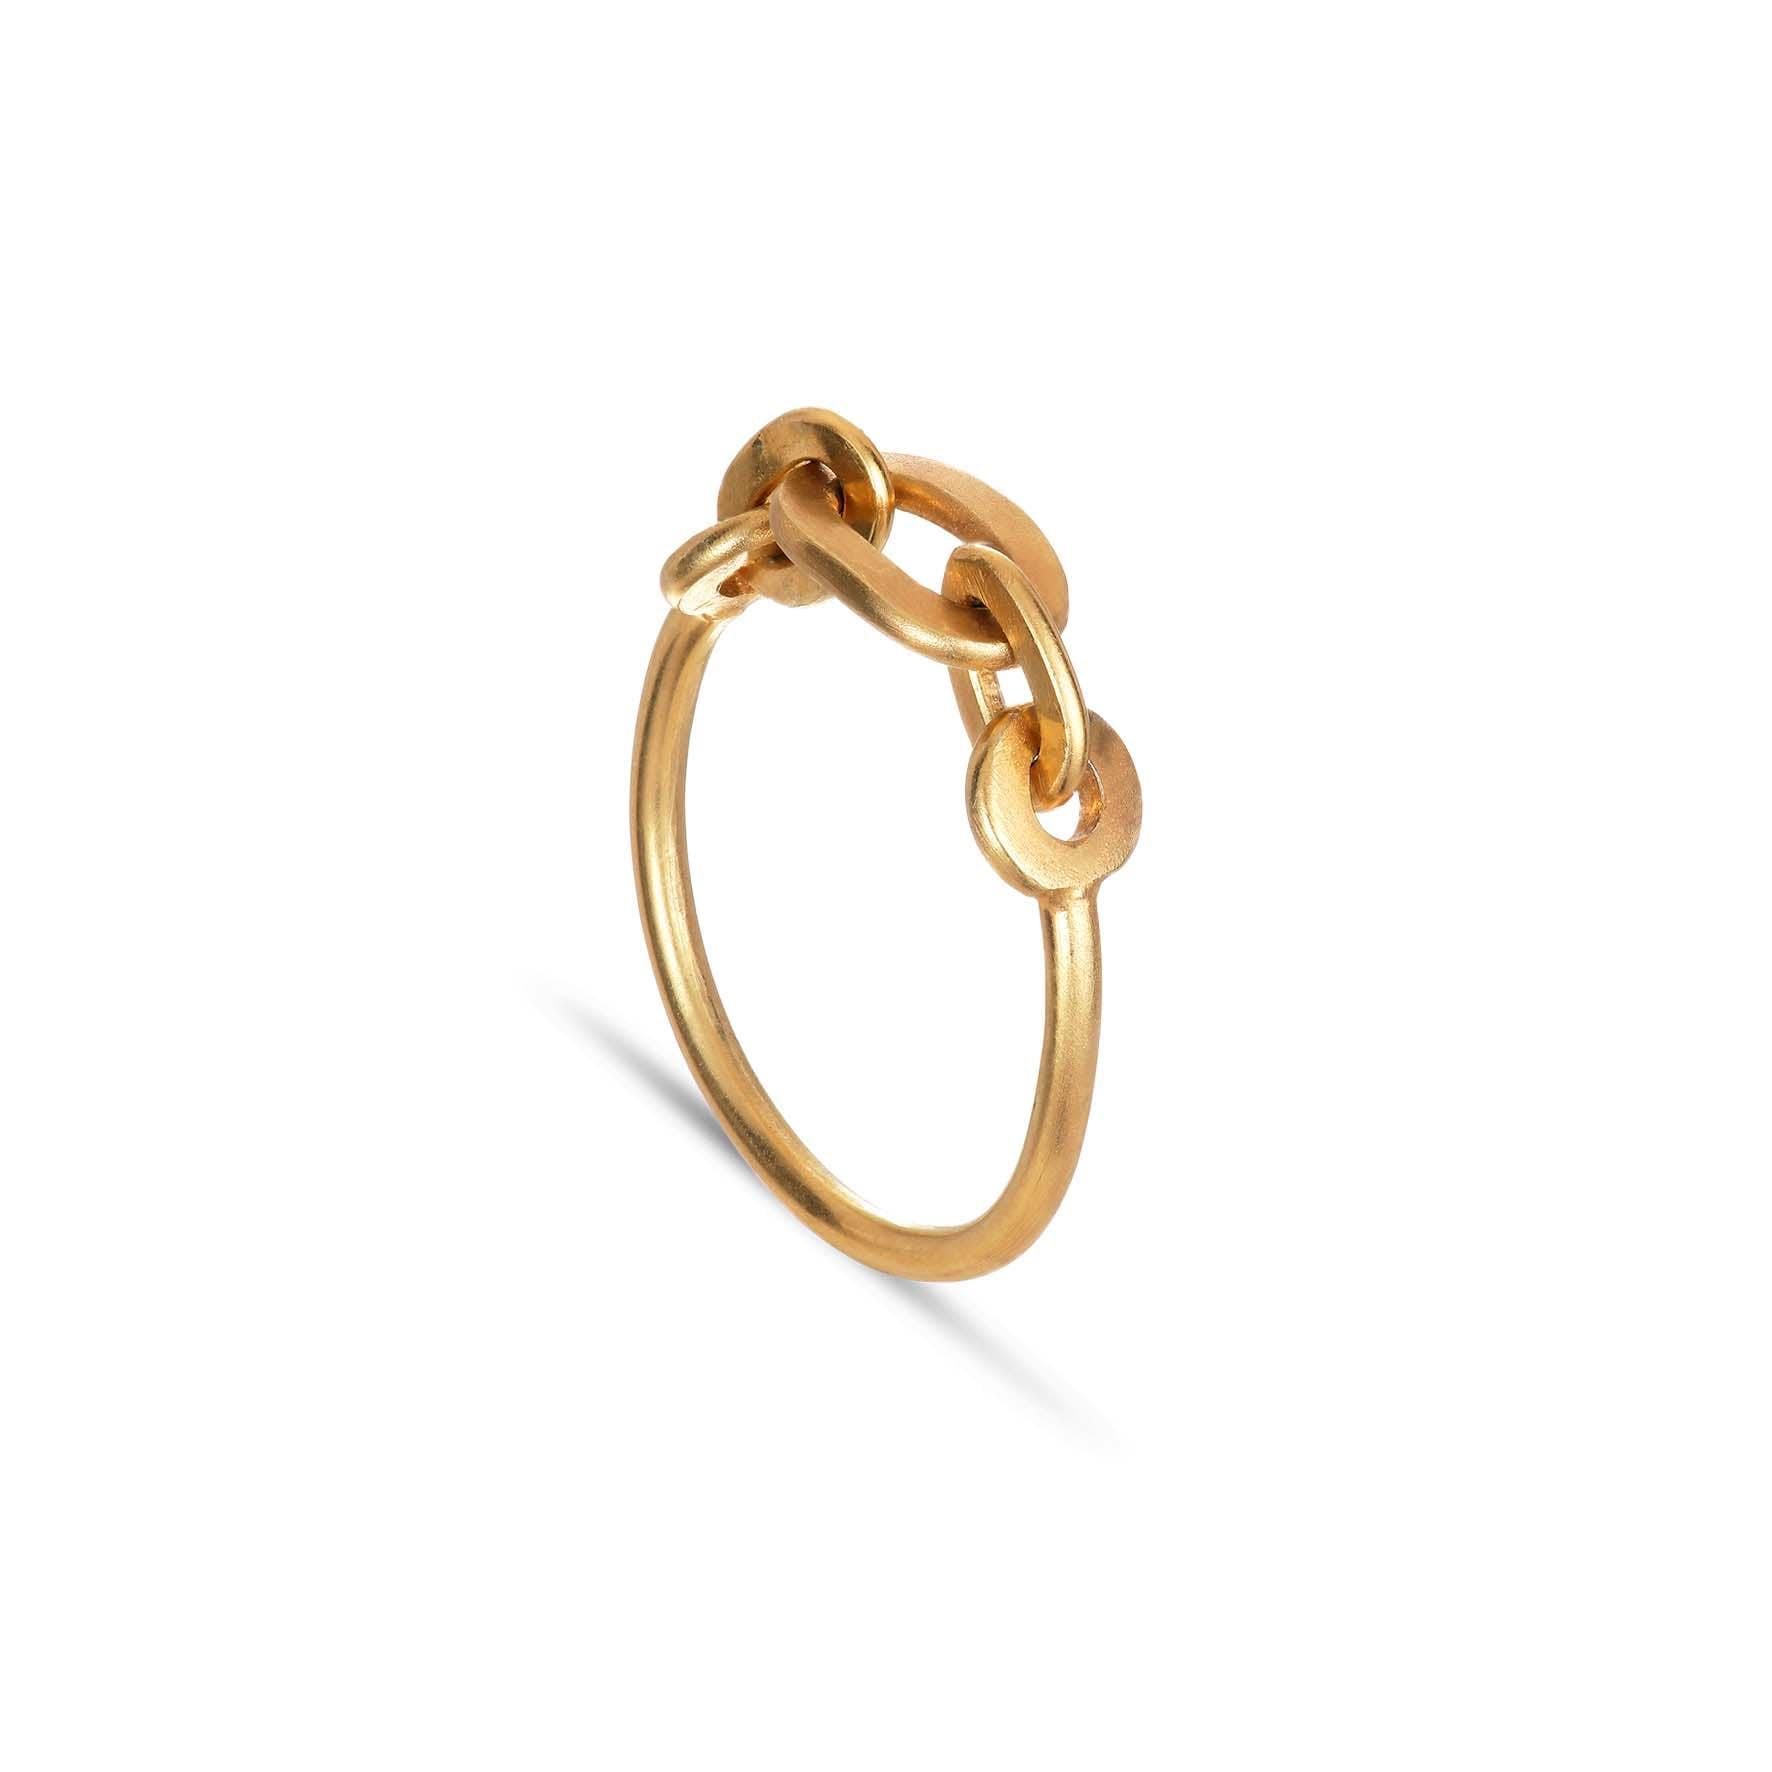 Row Chain Ring von Jane Kønig in Vergoldet-Silber Sterling 925